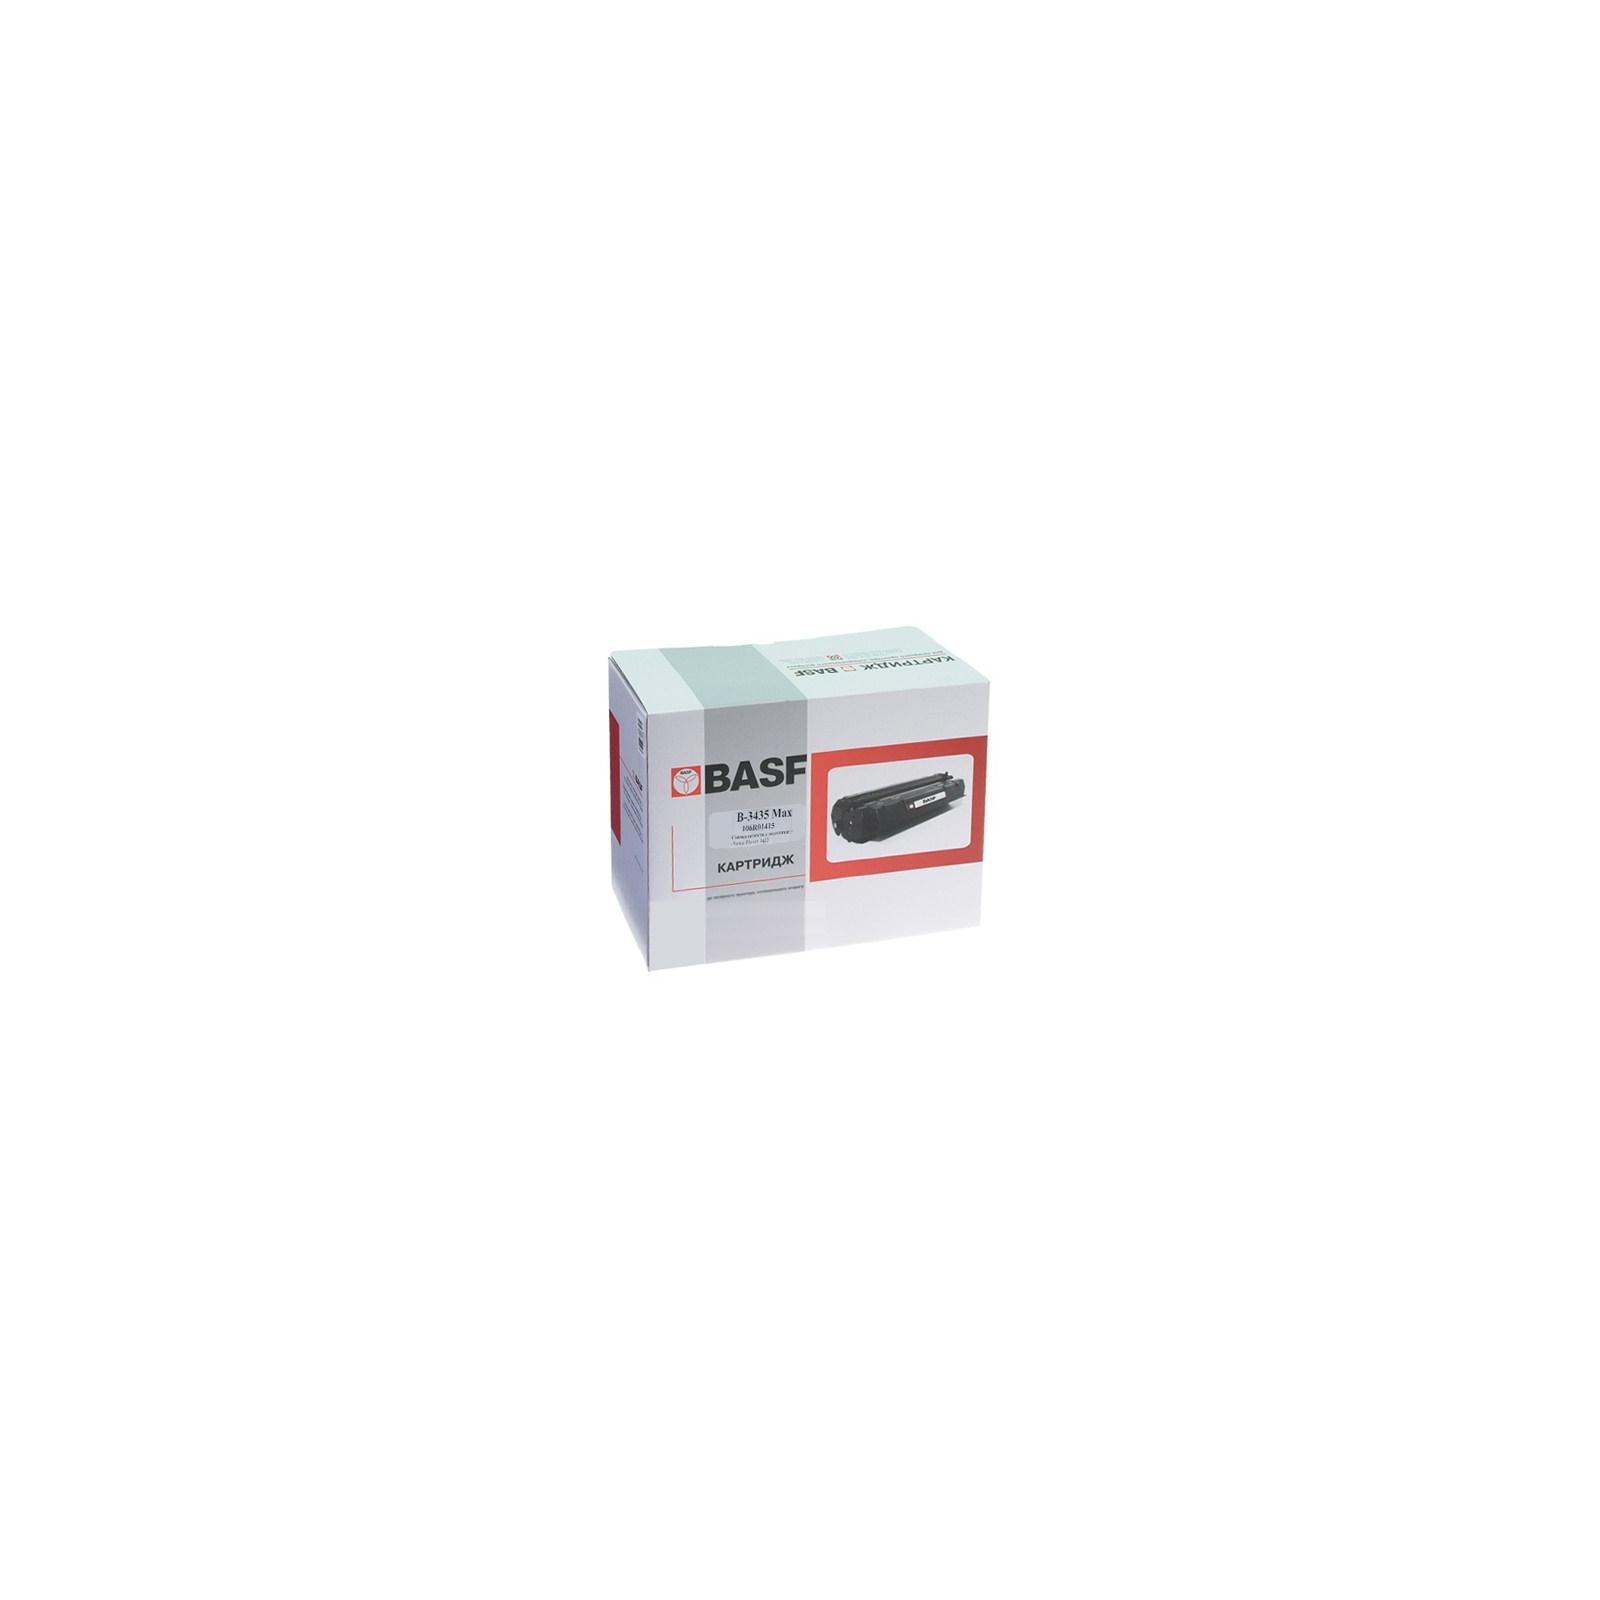 Картридж BASF для XEROX Phaser 3435 (B3435)